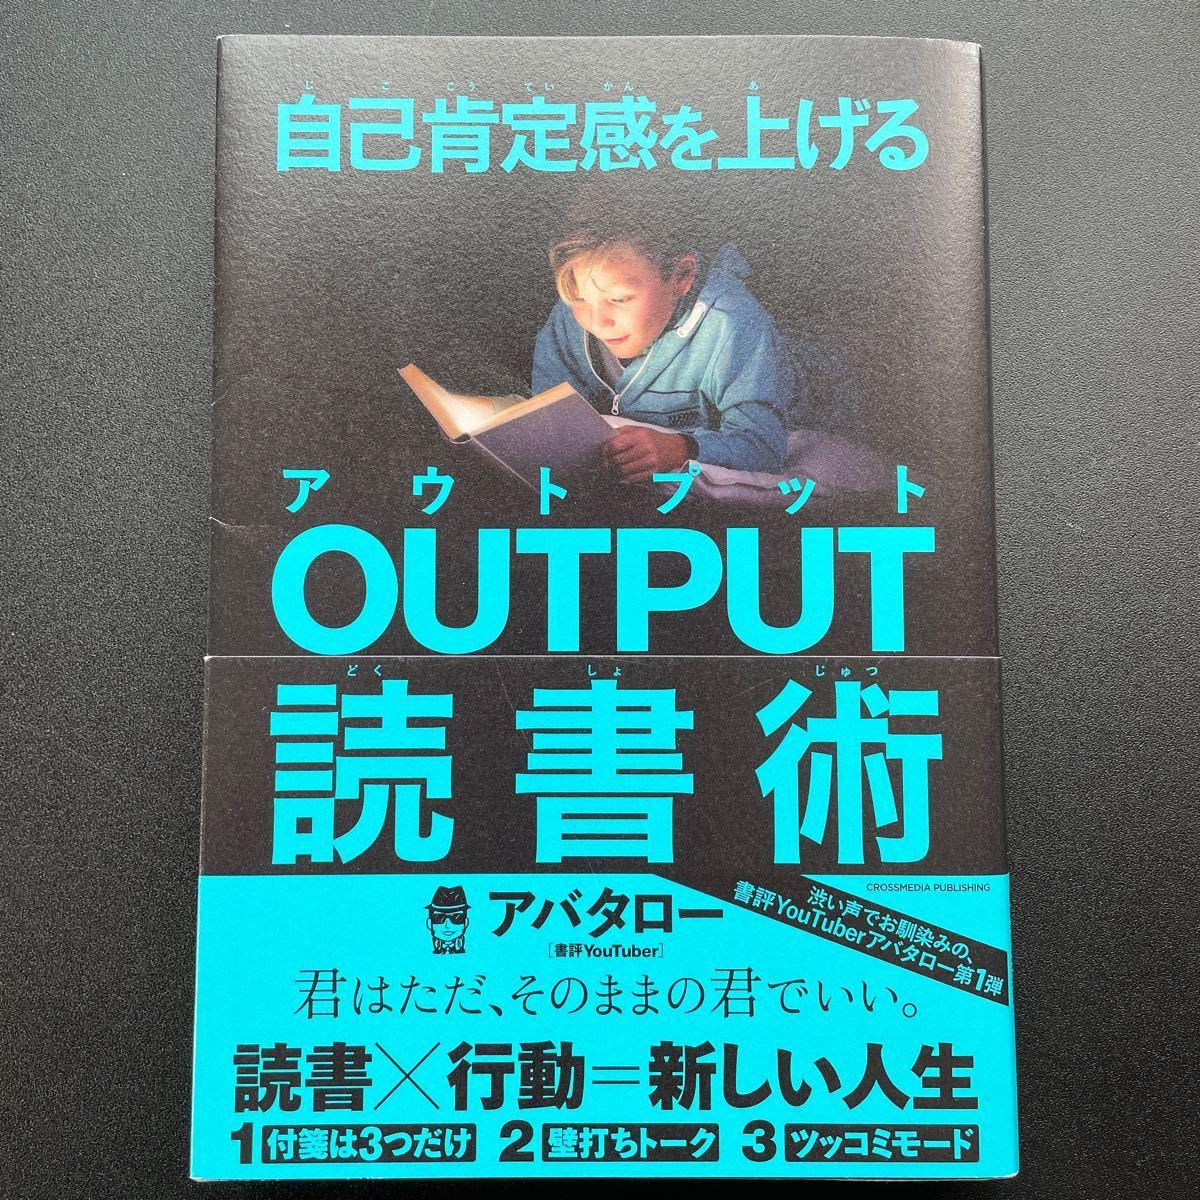 自己肯定感を上げる output読者術